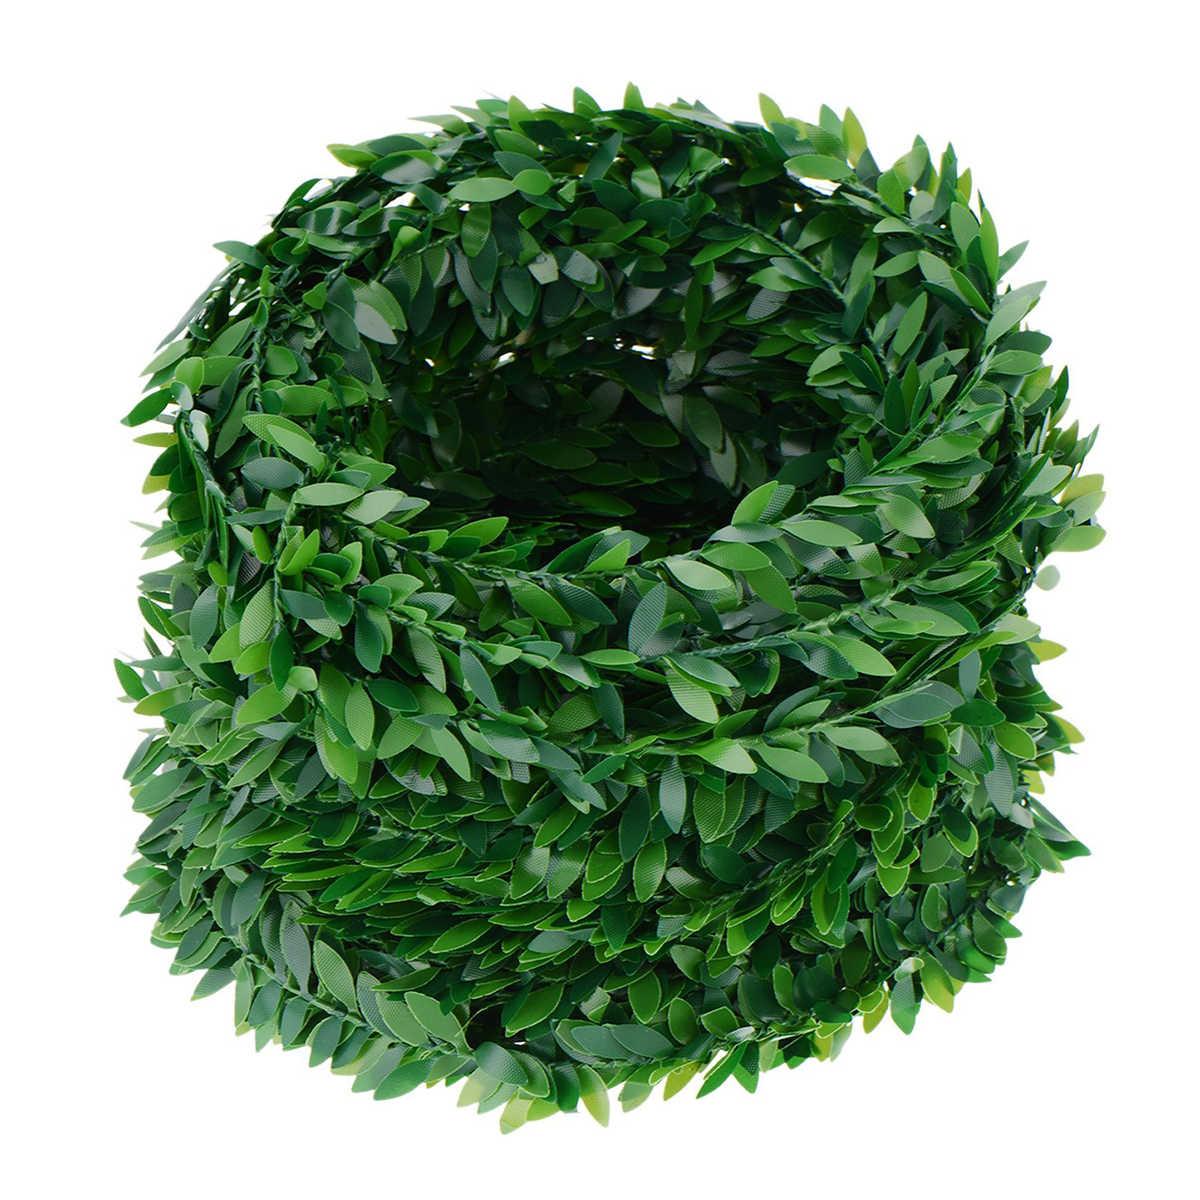 7.5m Guirlanda de Hera Artificial Folhas Folhagem Verde Simulado Vinha Para Festa de Casamento Cerimônia DIY Headbands